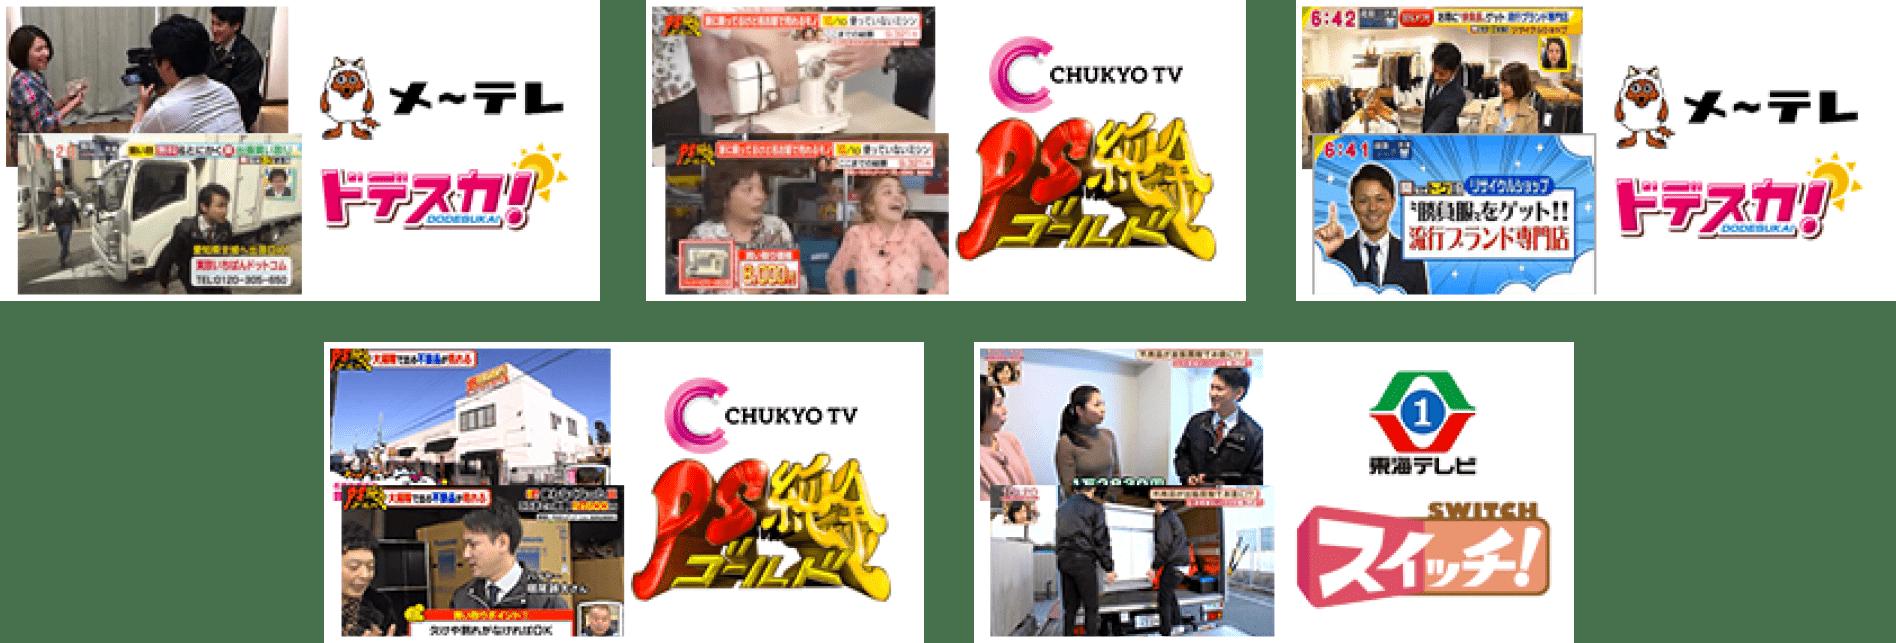 メーテレ「ドデスカ」・中京テレビ「PSゴールド」・東海テレビ「スイッチ」